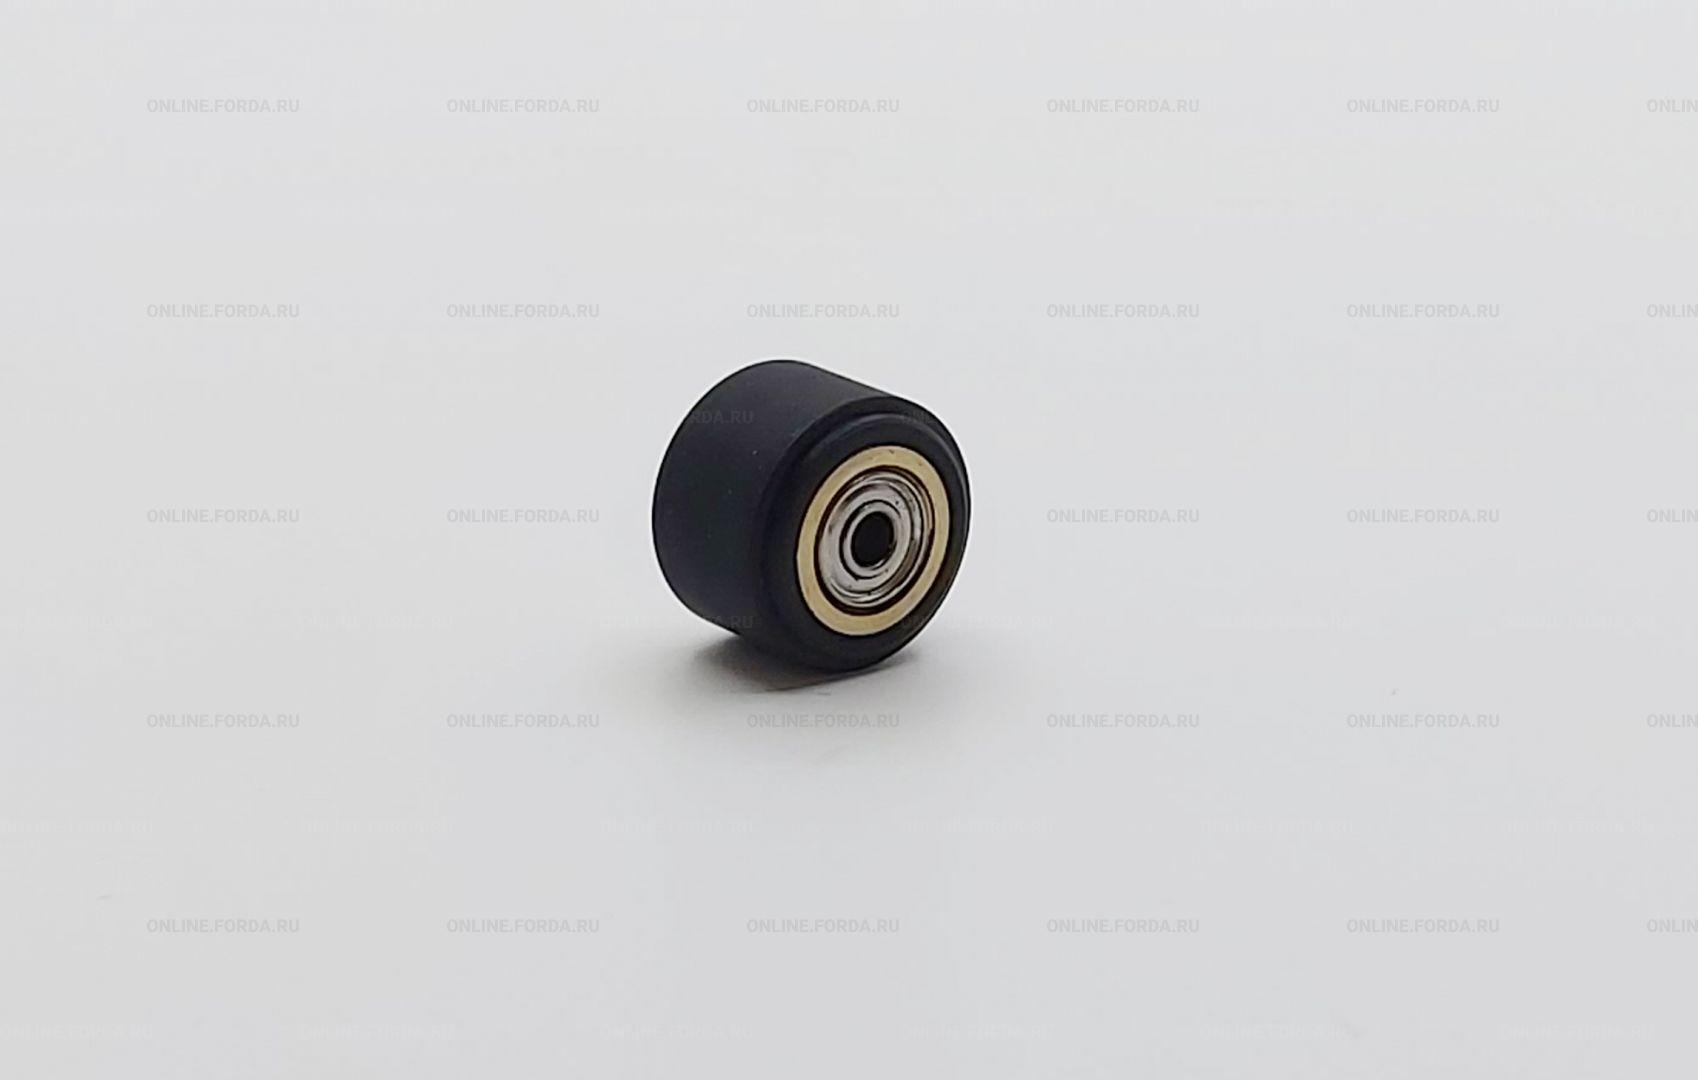 Ролик прижимной к режущему плоттеру TC-1261 Pinch roller